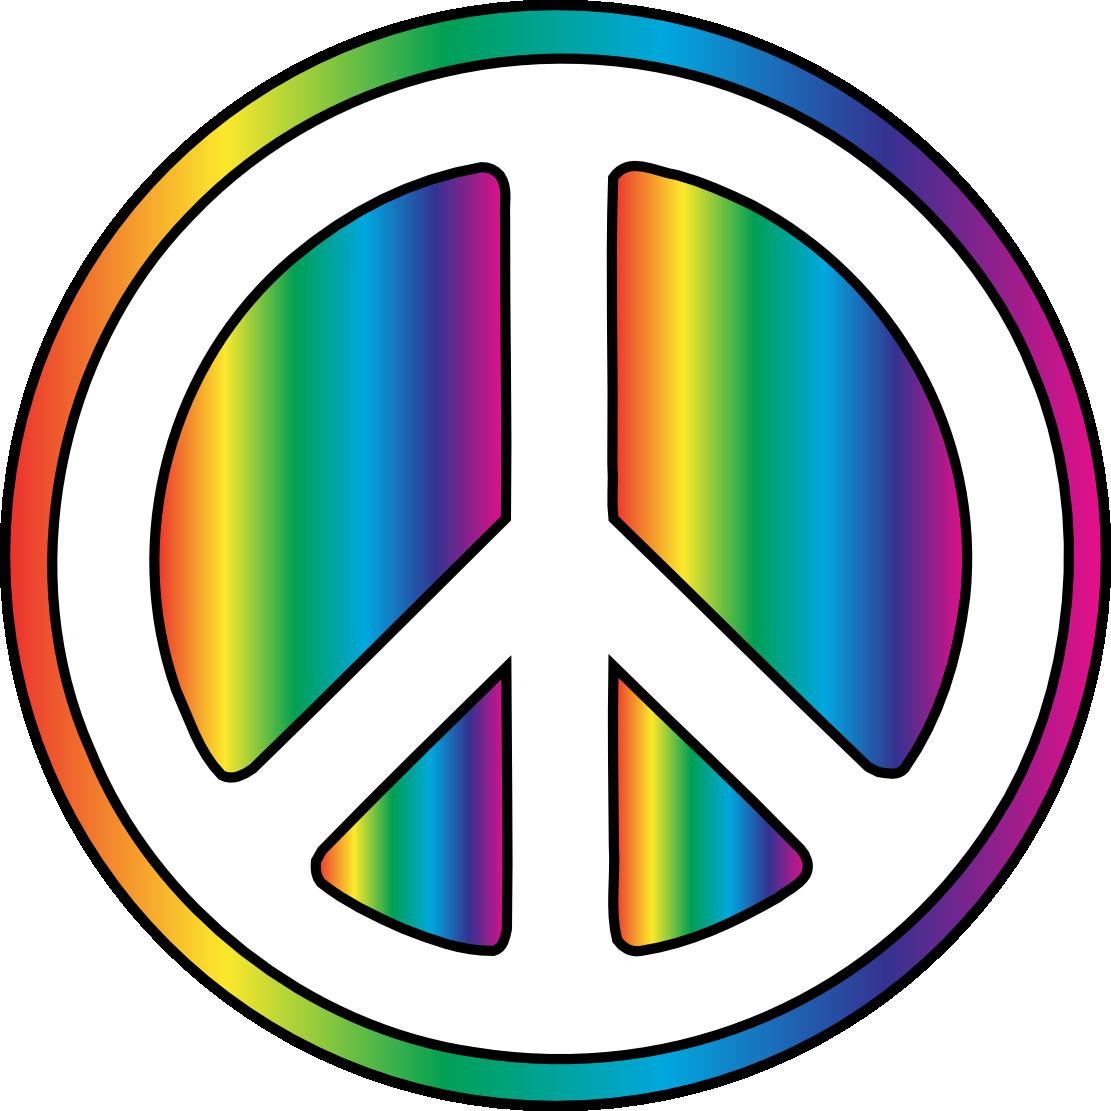 Hippie Clip Art - Hippie Clip Art